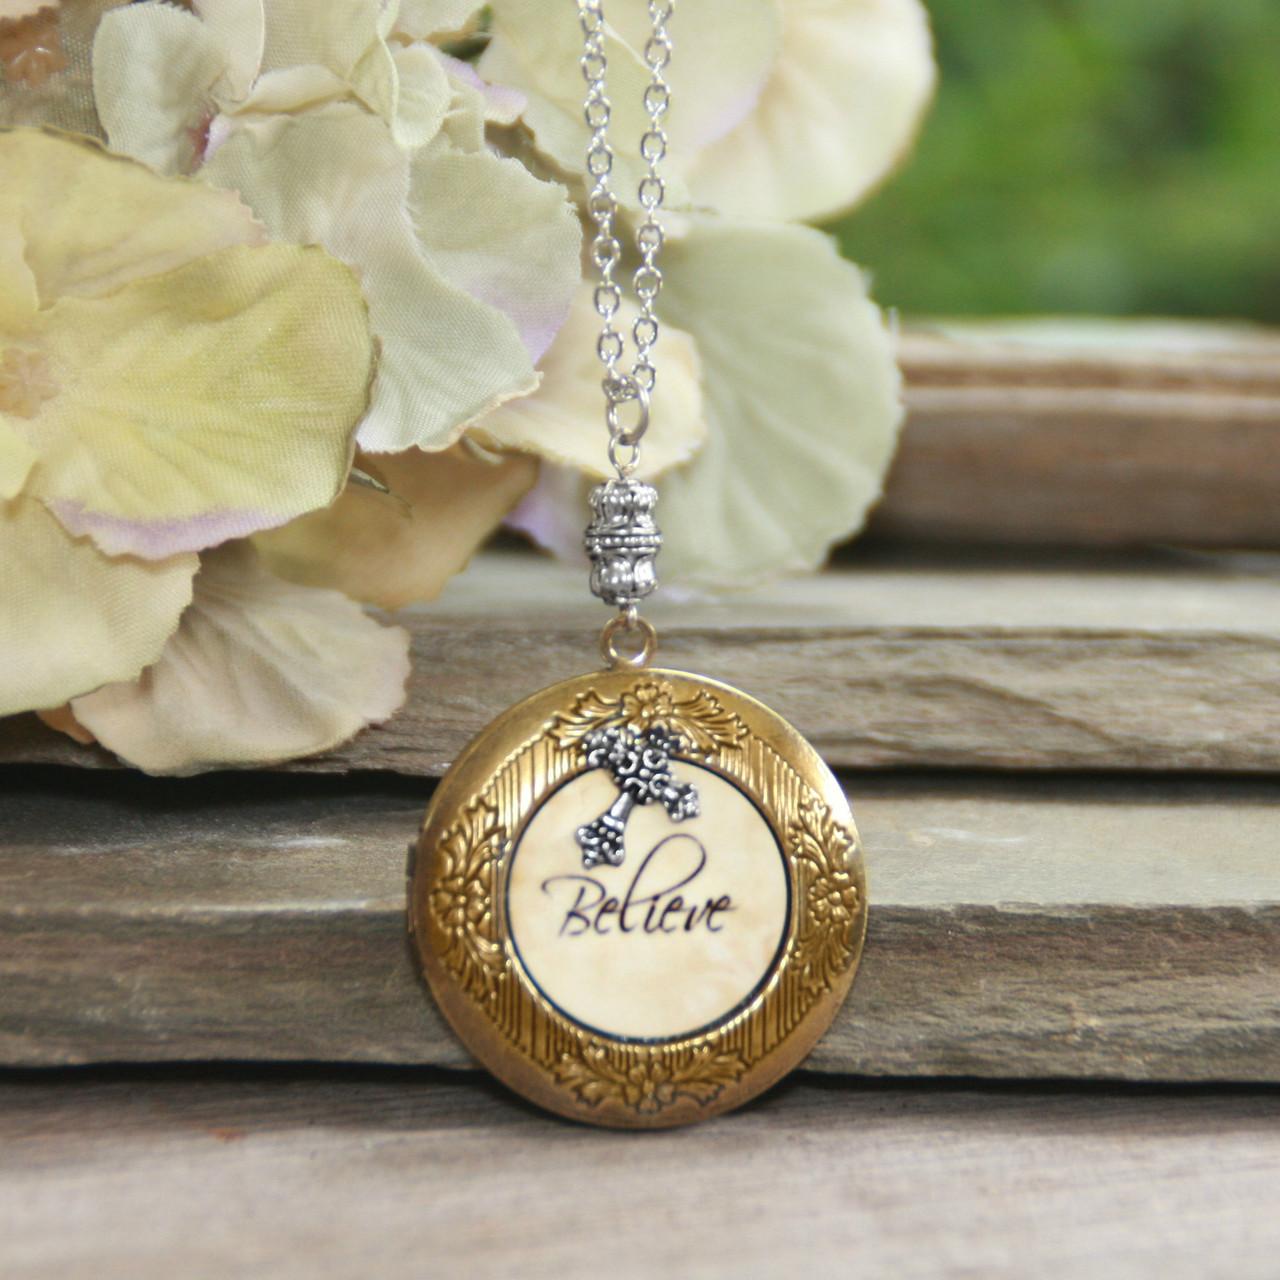 IN-648  Believe Locket Necklace